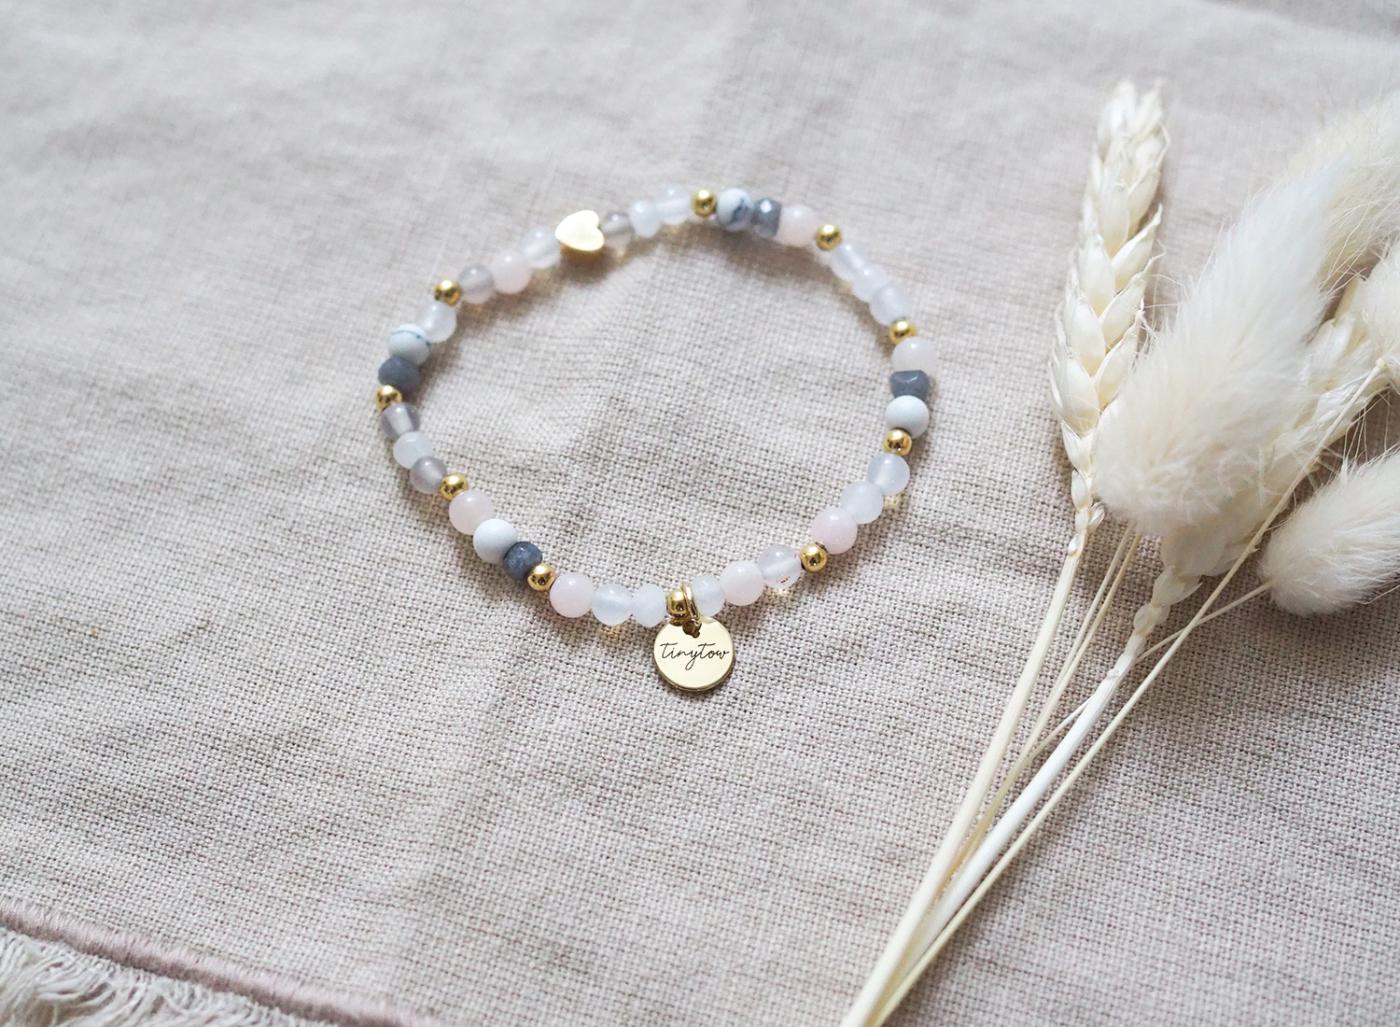 Armband aus Natursteinen und Edelsteine mit goldenem Herz.